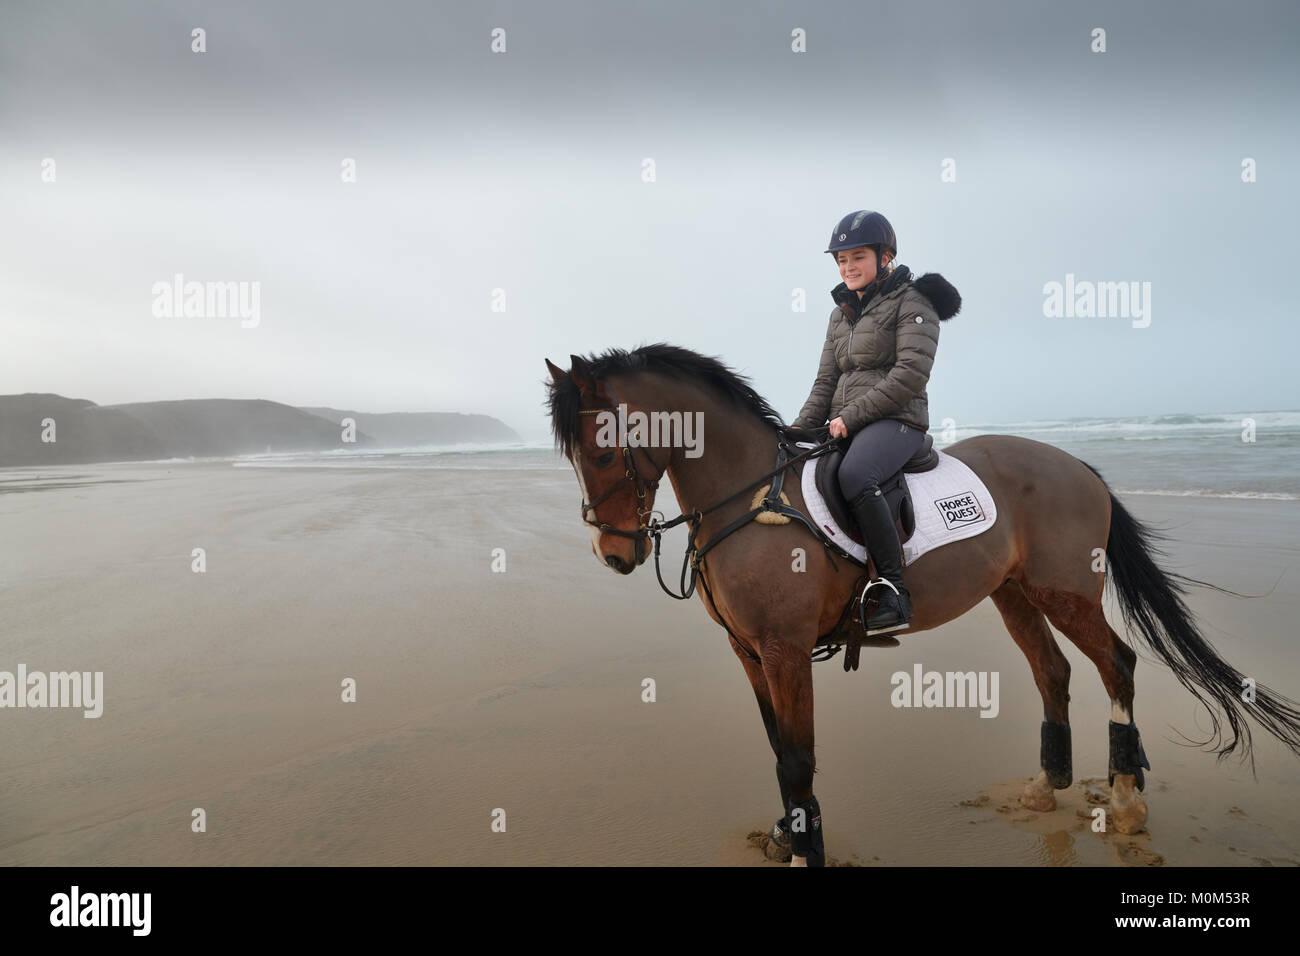 Équitation cavalier de l'appareil photo sur la plage à marée basse. Image en noir et blanc, avec Photo Stock